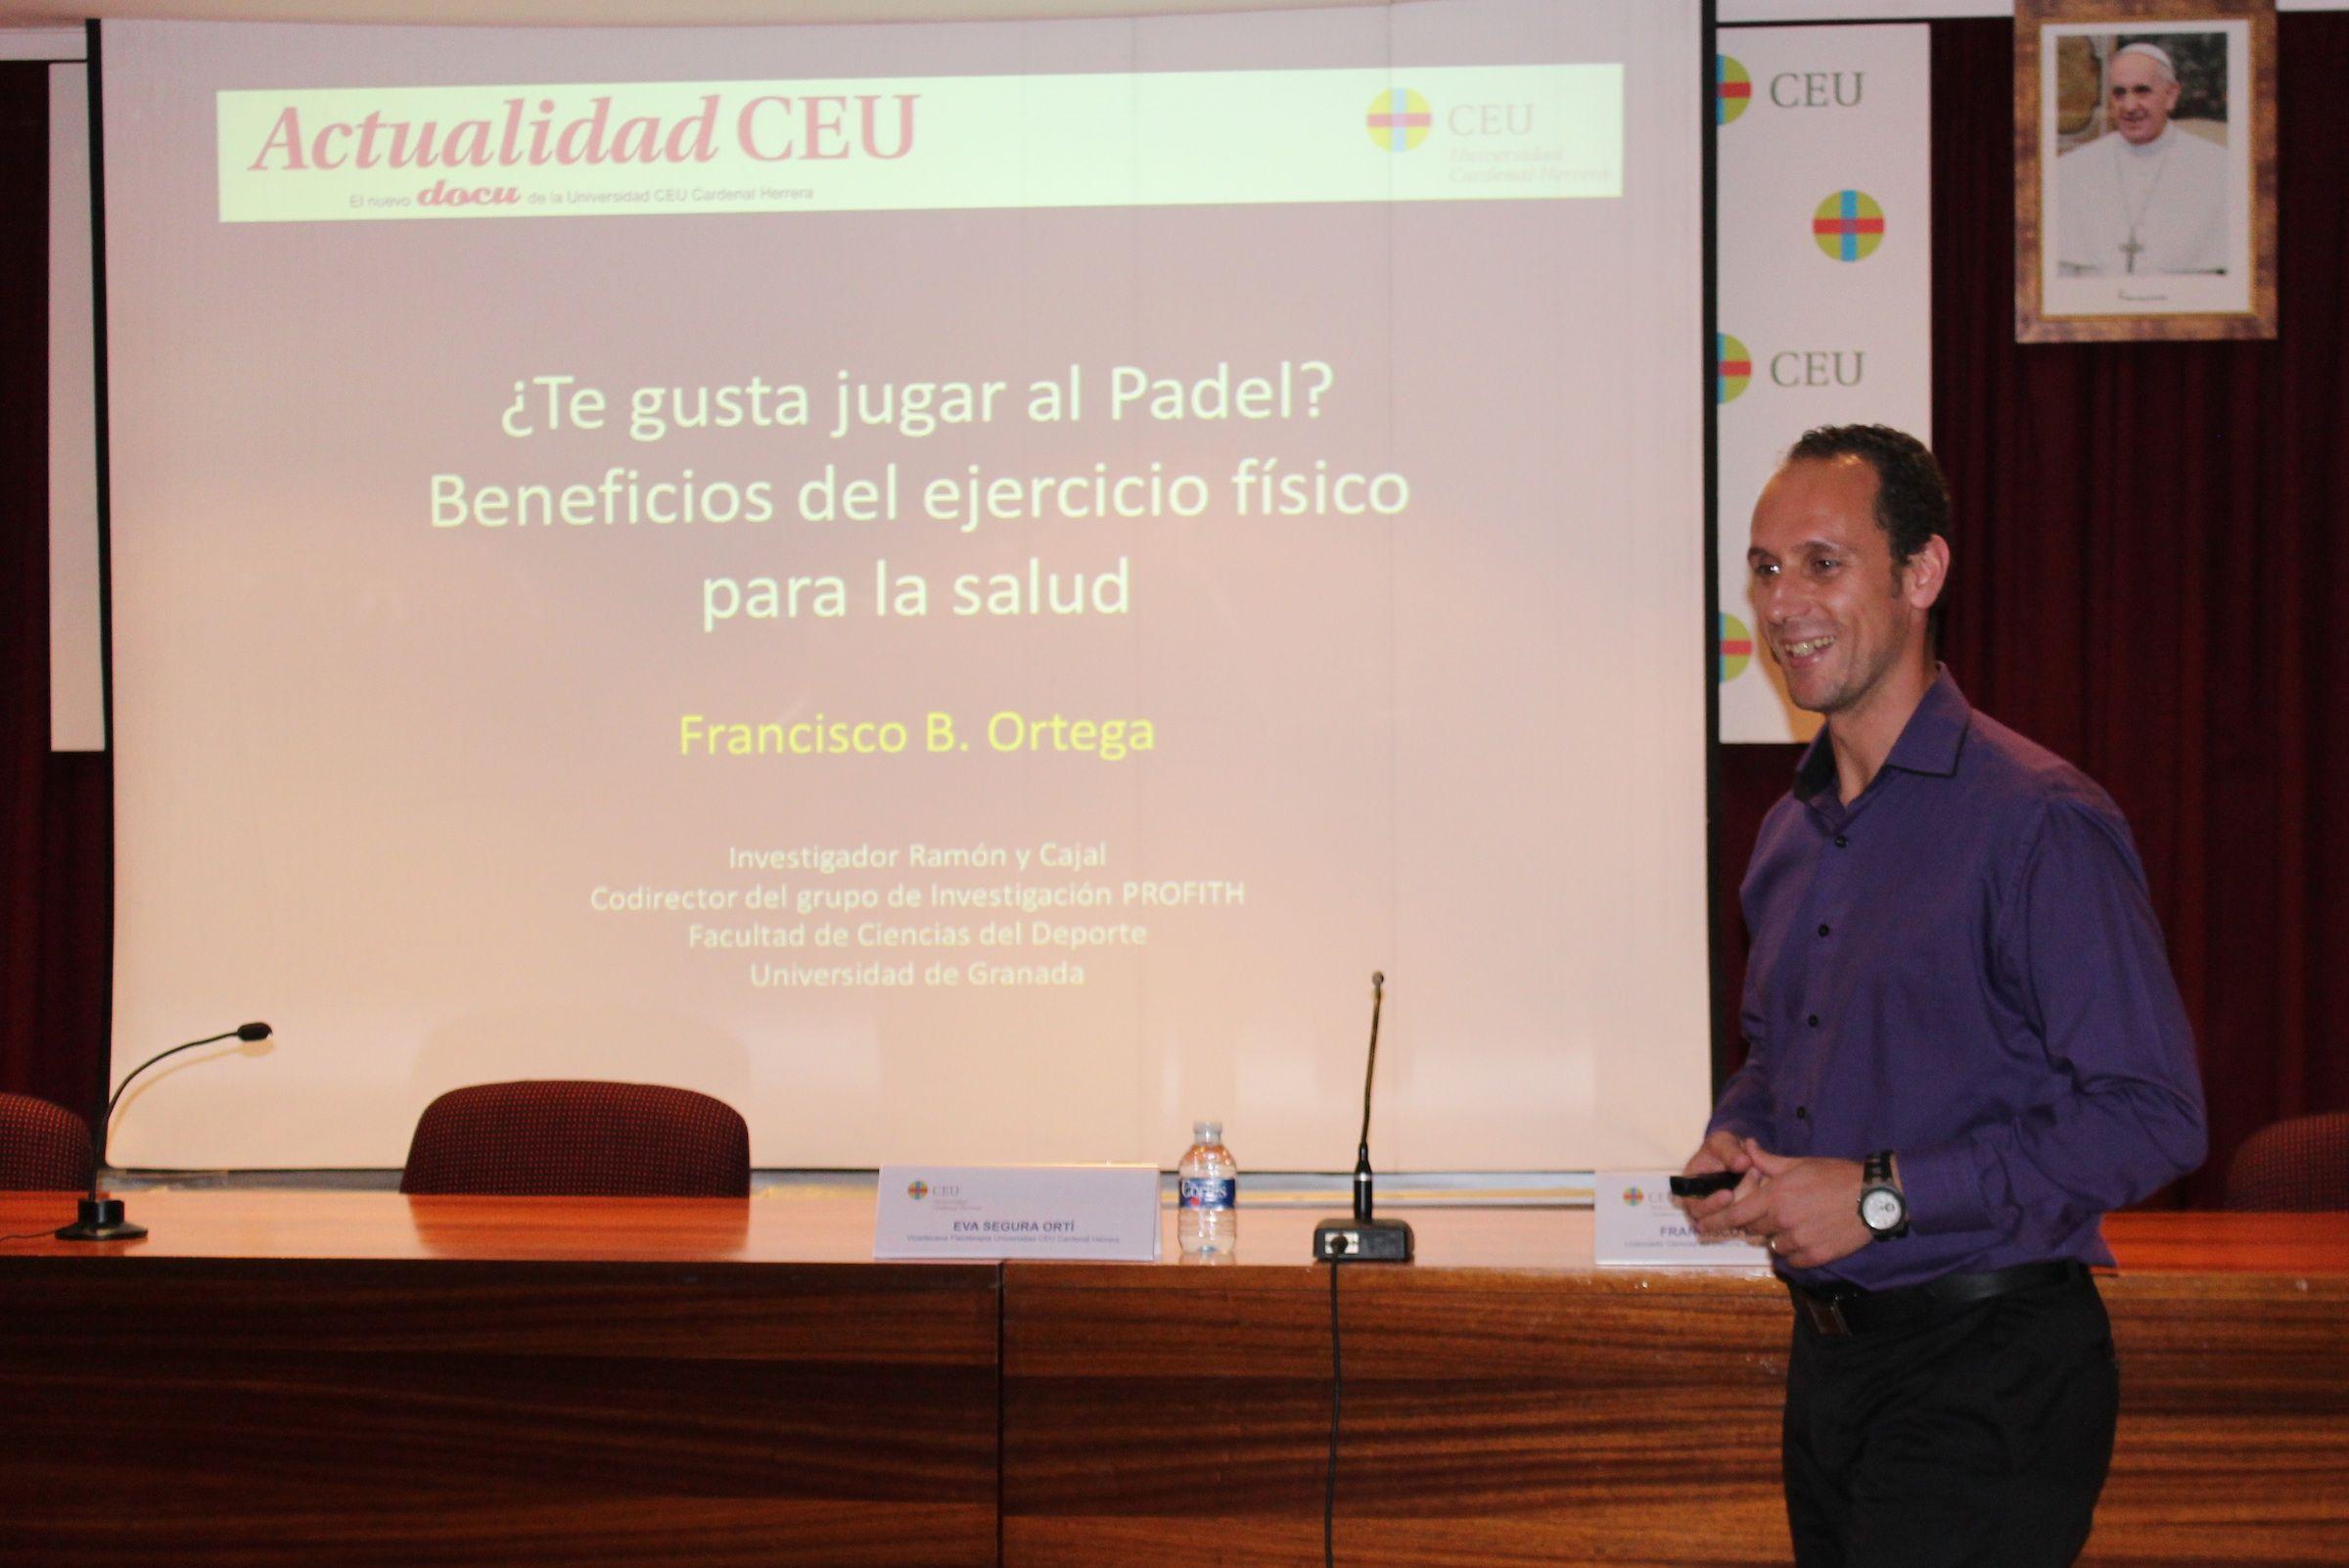 El investigador de la Universidad de Granada, Francisco B. Ortega, en CEU-Descubre.